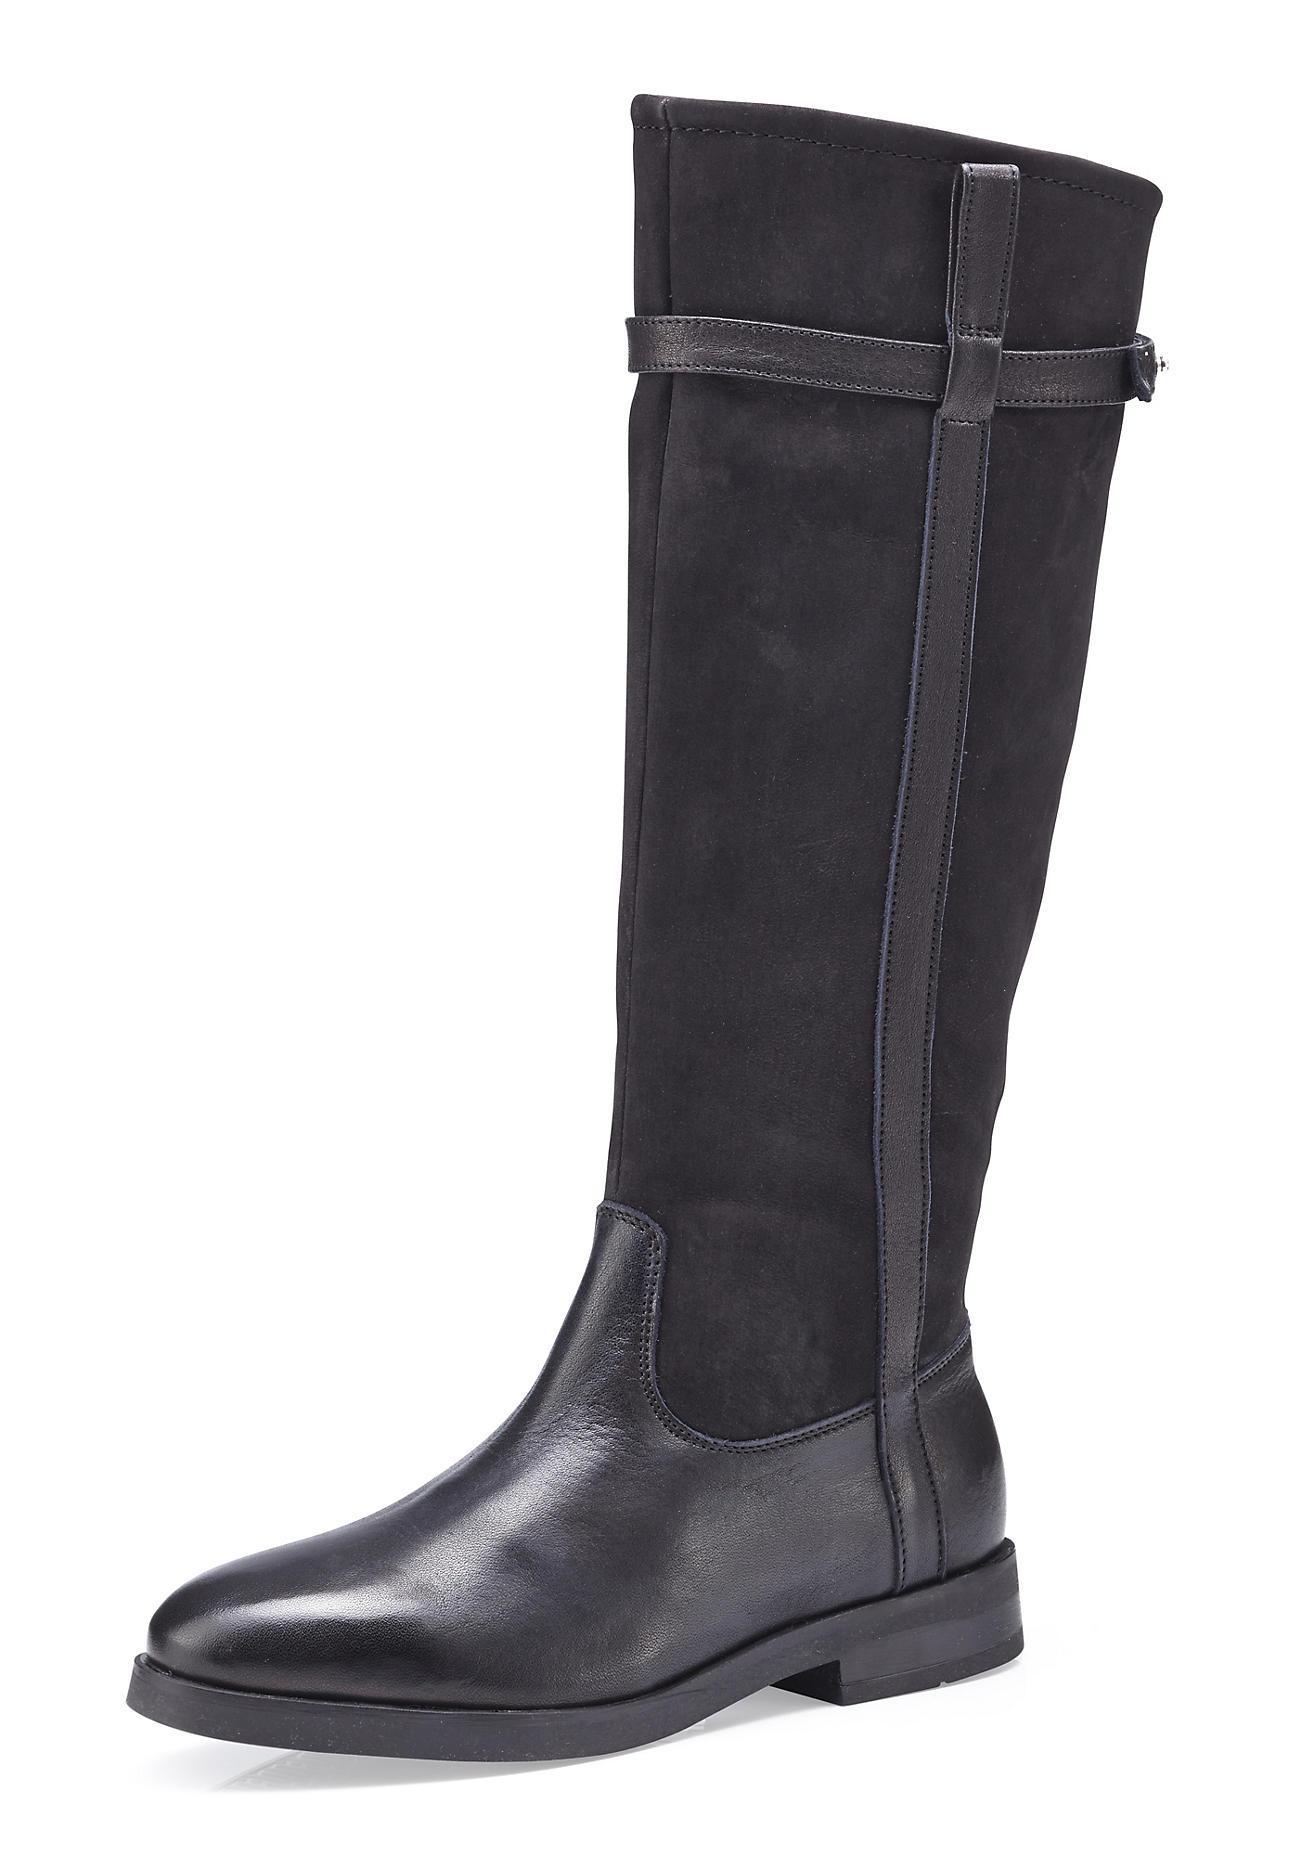 Stiefel für Frauen - hessnatur Damen Damen Stiefel aus Leder – schwarz –  - Onlineshop Hessnatur